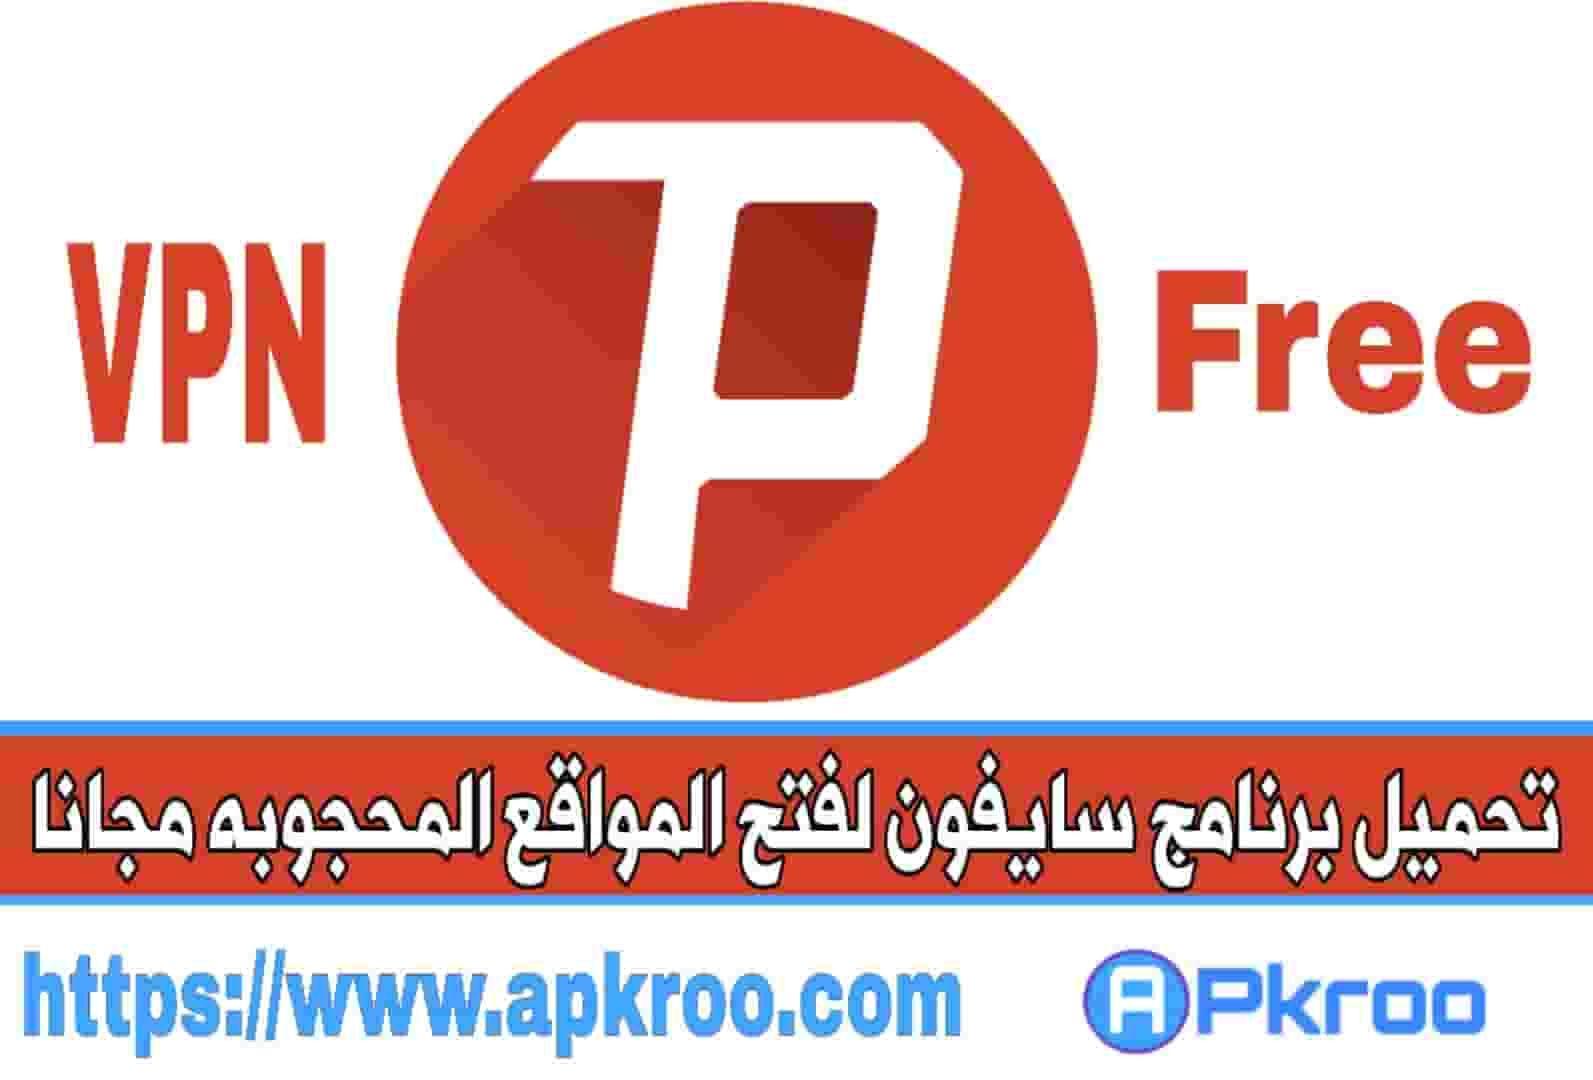 تحميل برنامج سايفون على الكمبيوتر والاندرويد والايفون برنامج Vpn الأول والفضل في فتح المواقع المحجوبة على الانترنت وتصفح الان In 2020 Allianz Logo Gaming Logos Letters